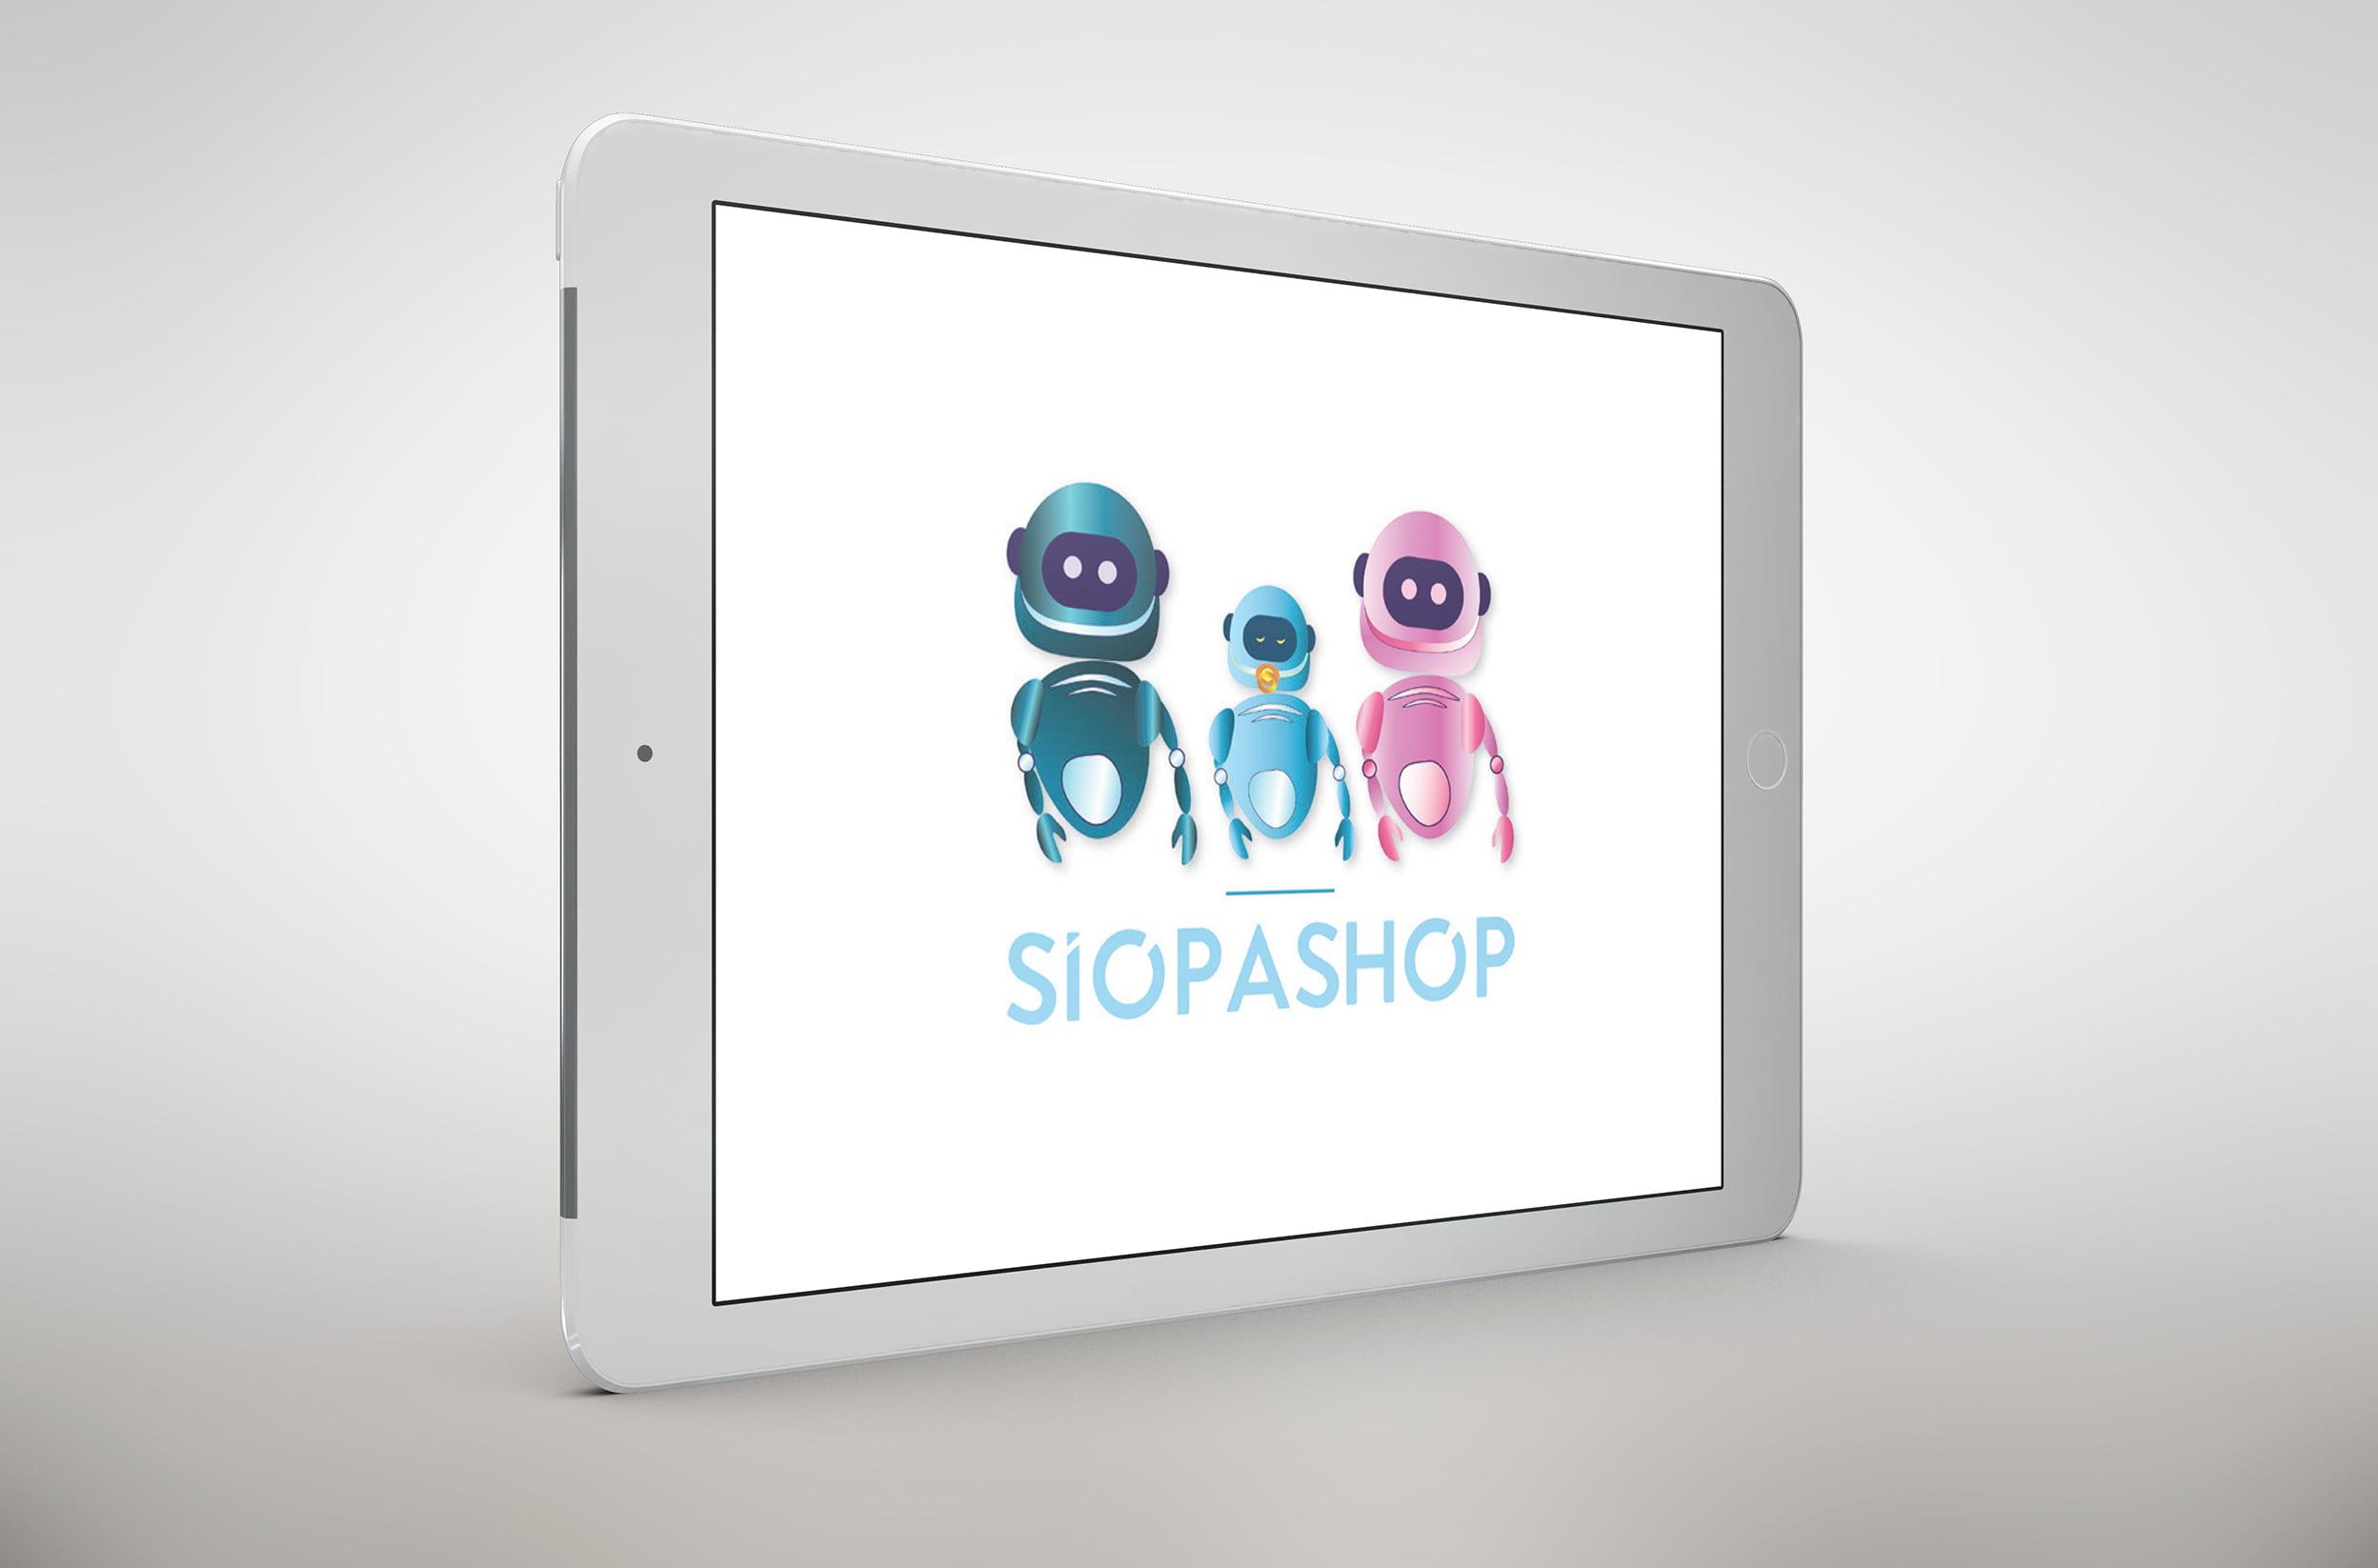 siopashop-2